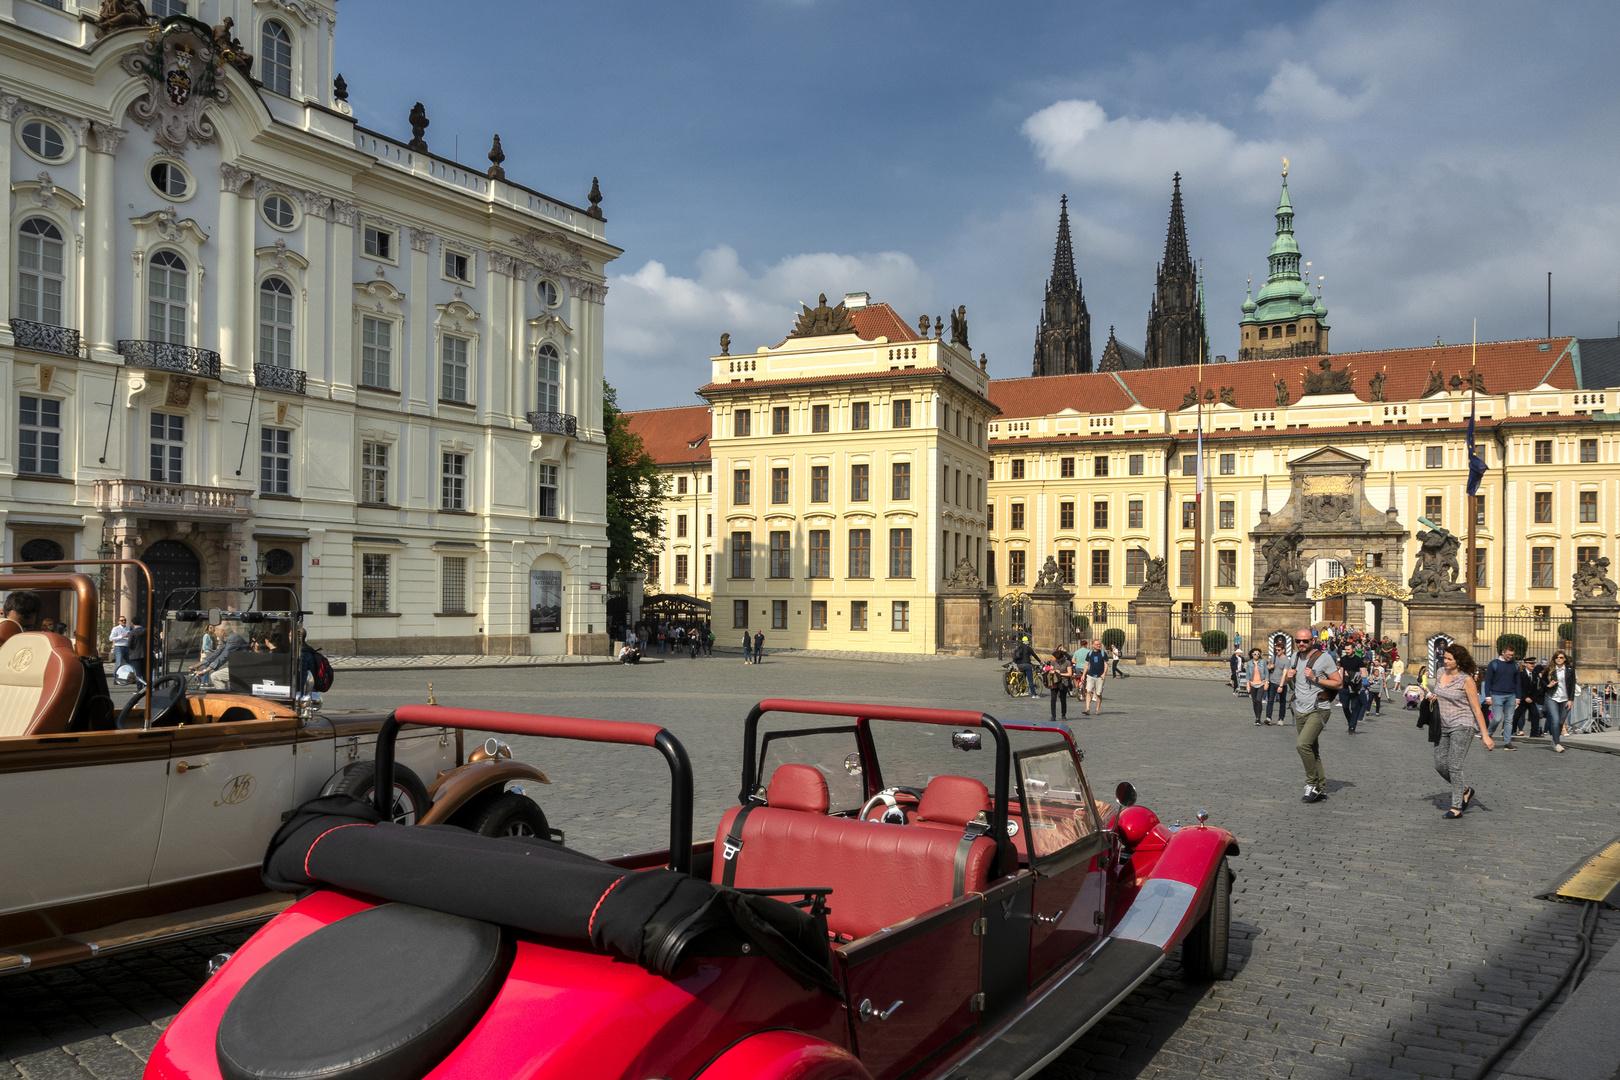 Hradcanske Square, Praga